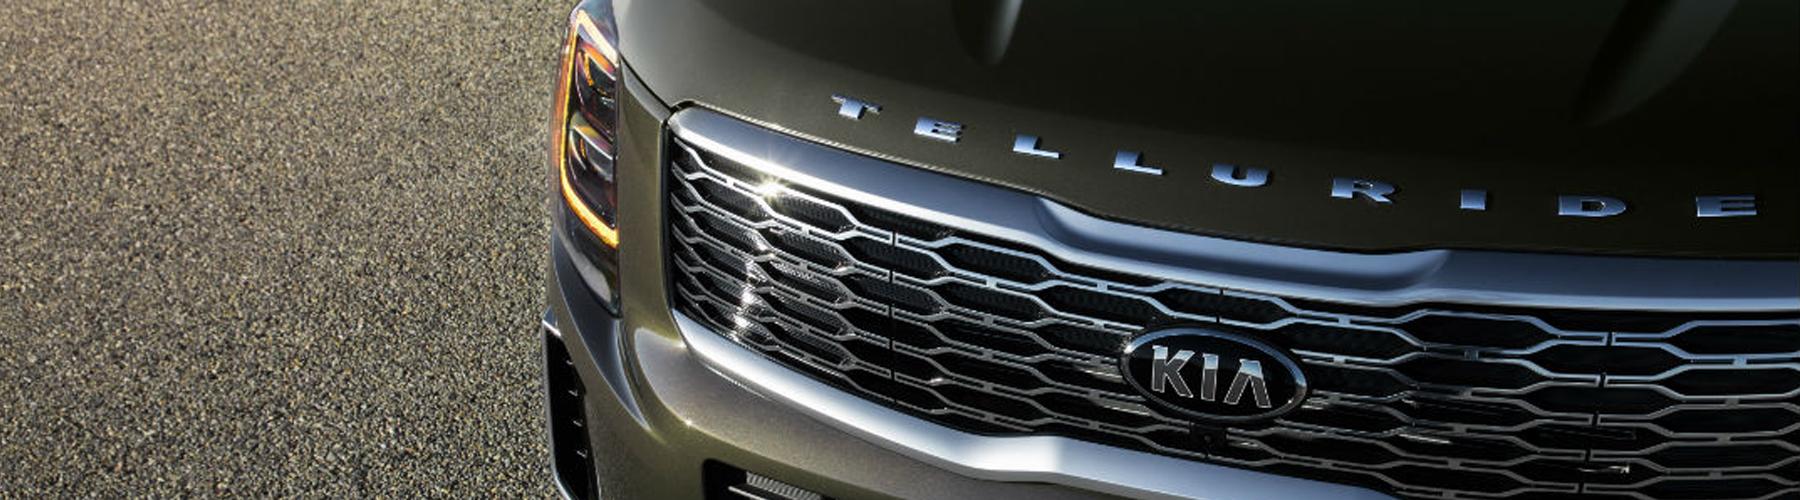 Zero Down Lease Deals >> New Kia Zero Down Lease Offers Near Boston Ma Quirk Kia